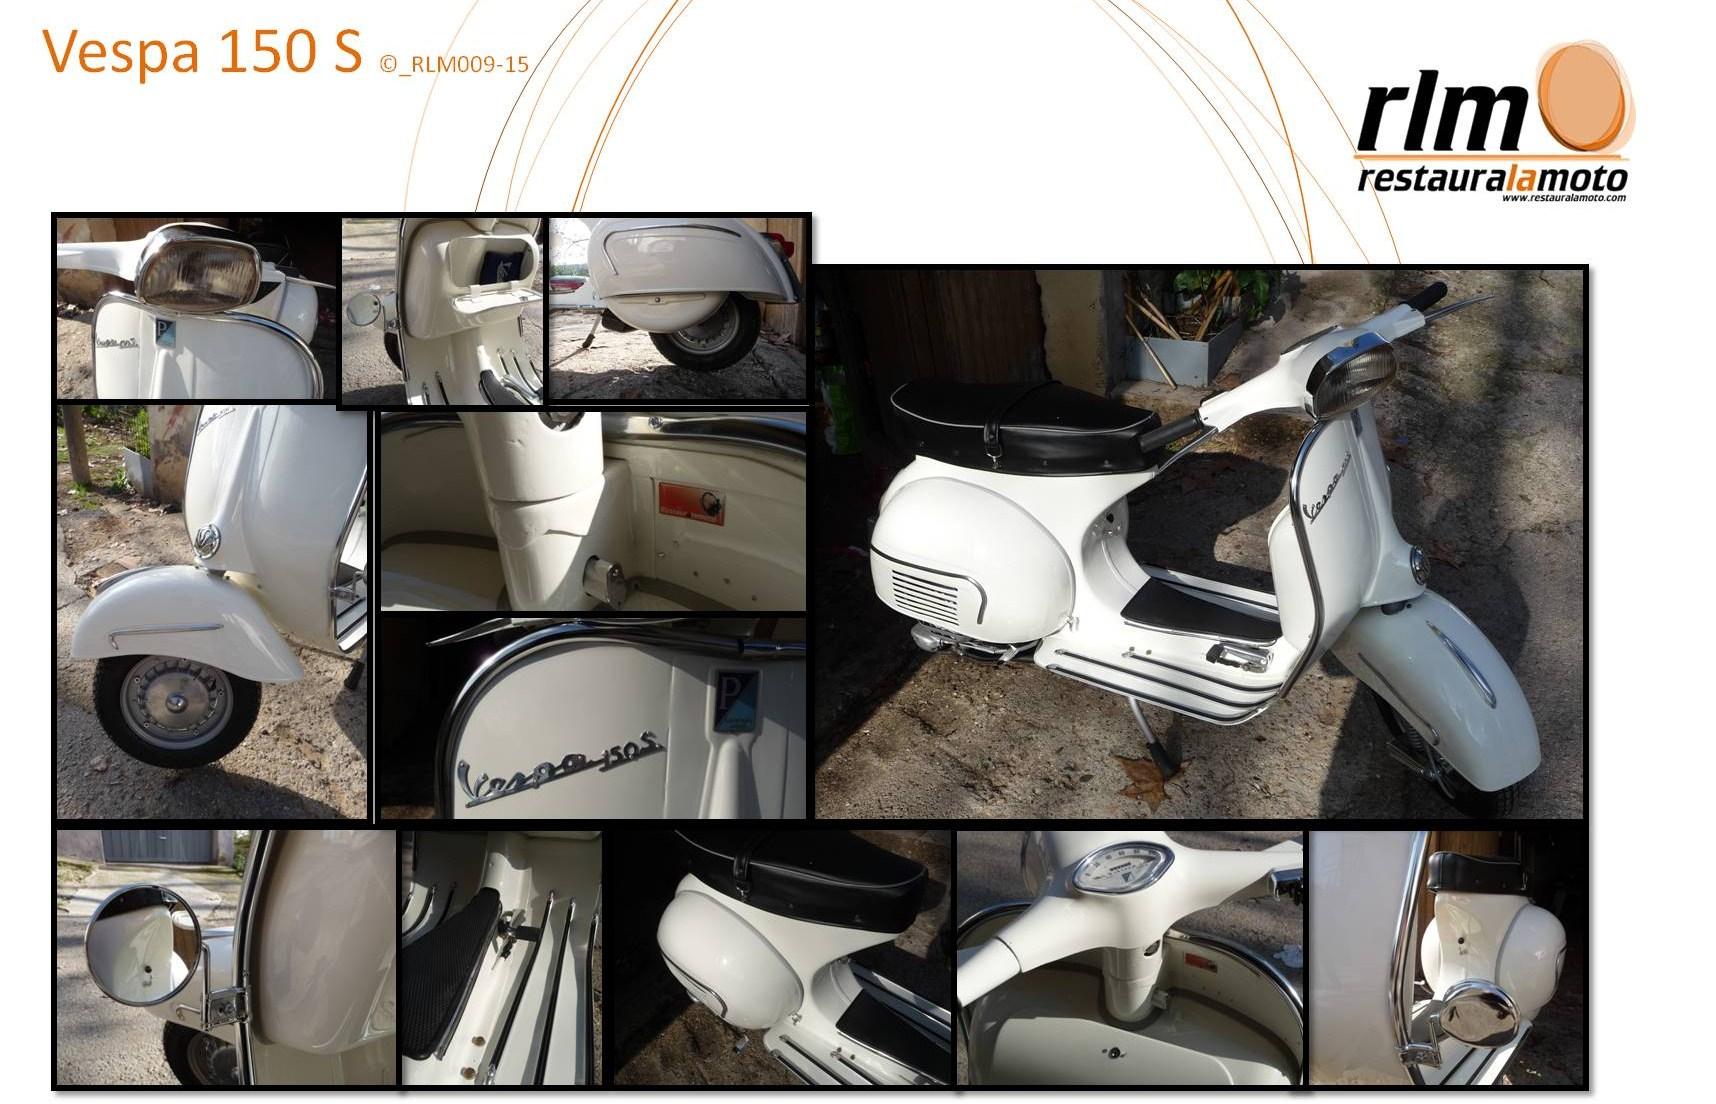 Restaura la moto - Vespa 150 S